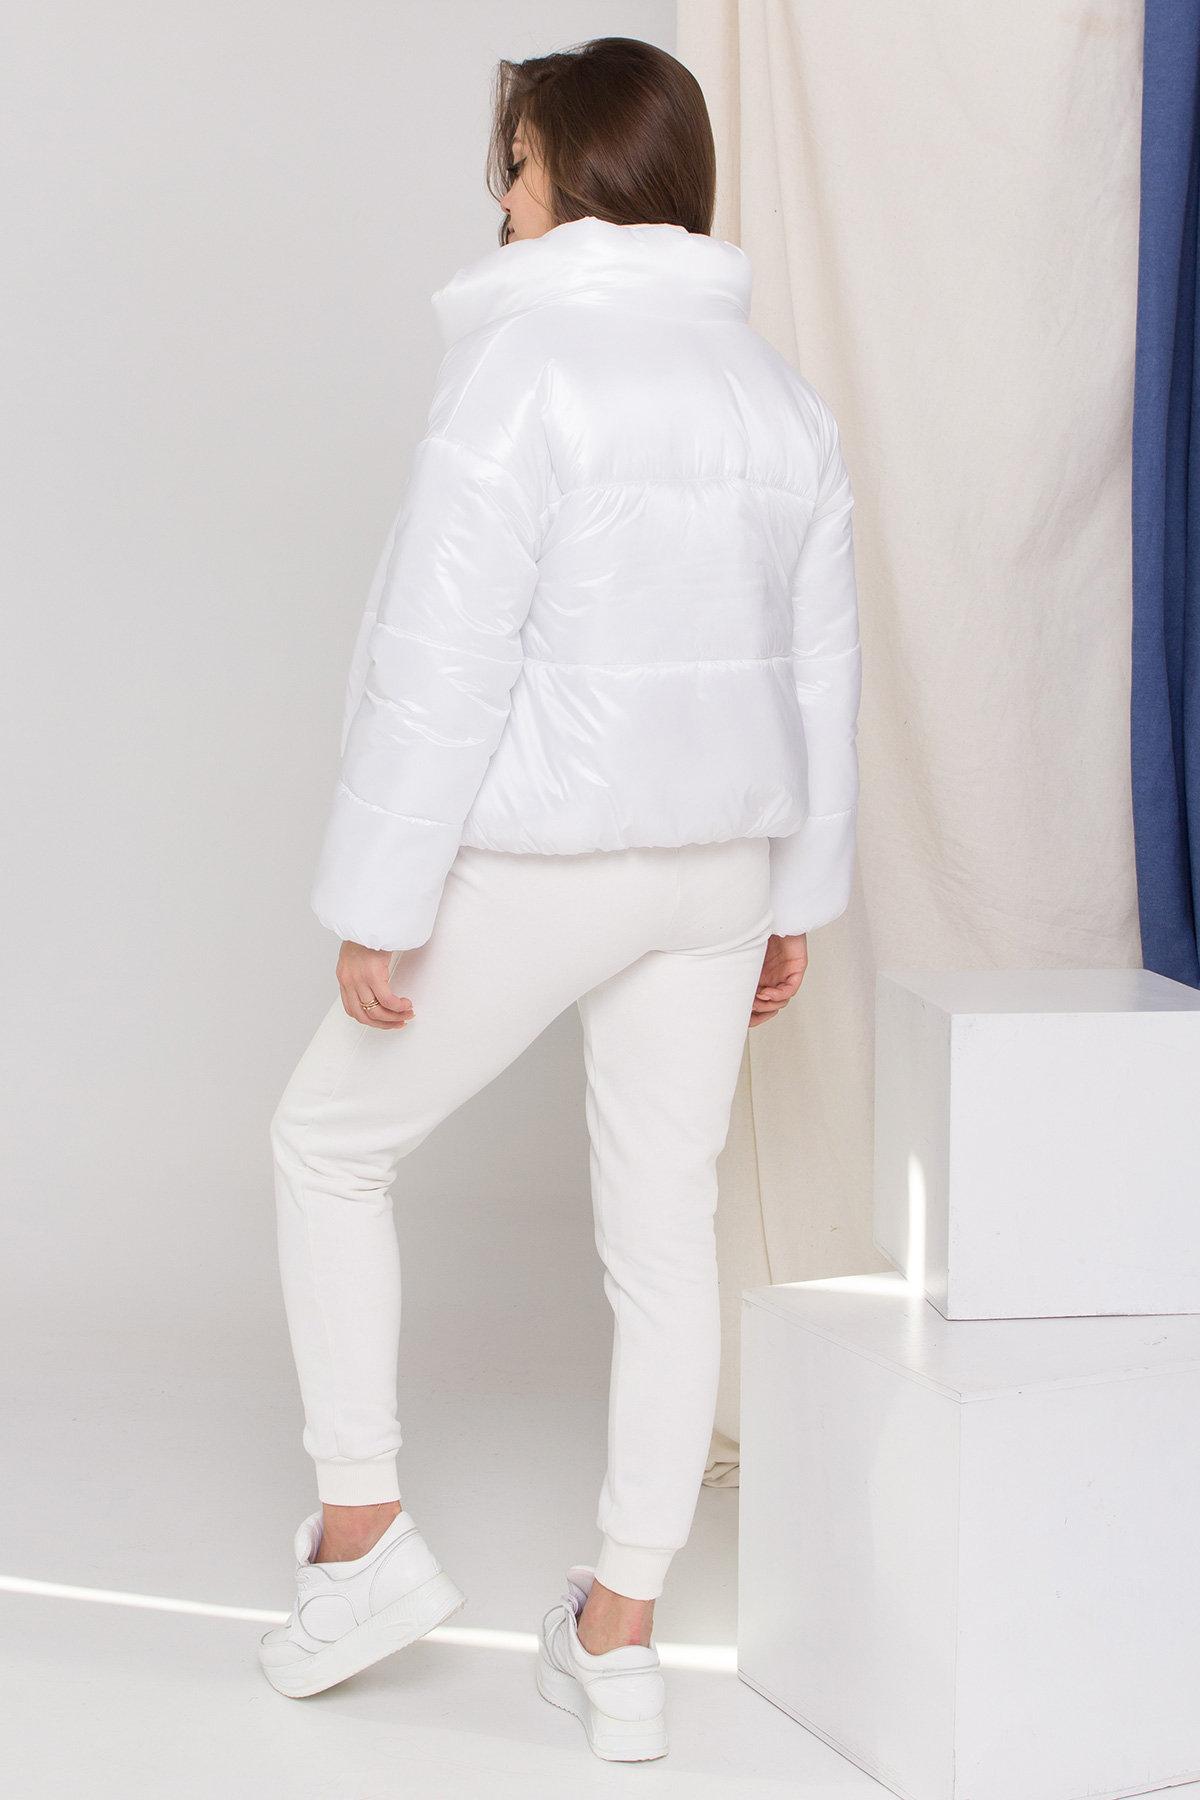 Куртка Драйв 8989 АРТ. 45295 Цвет: Белый - фото 4, интернет магазин tm-modus.ru